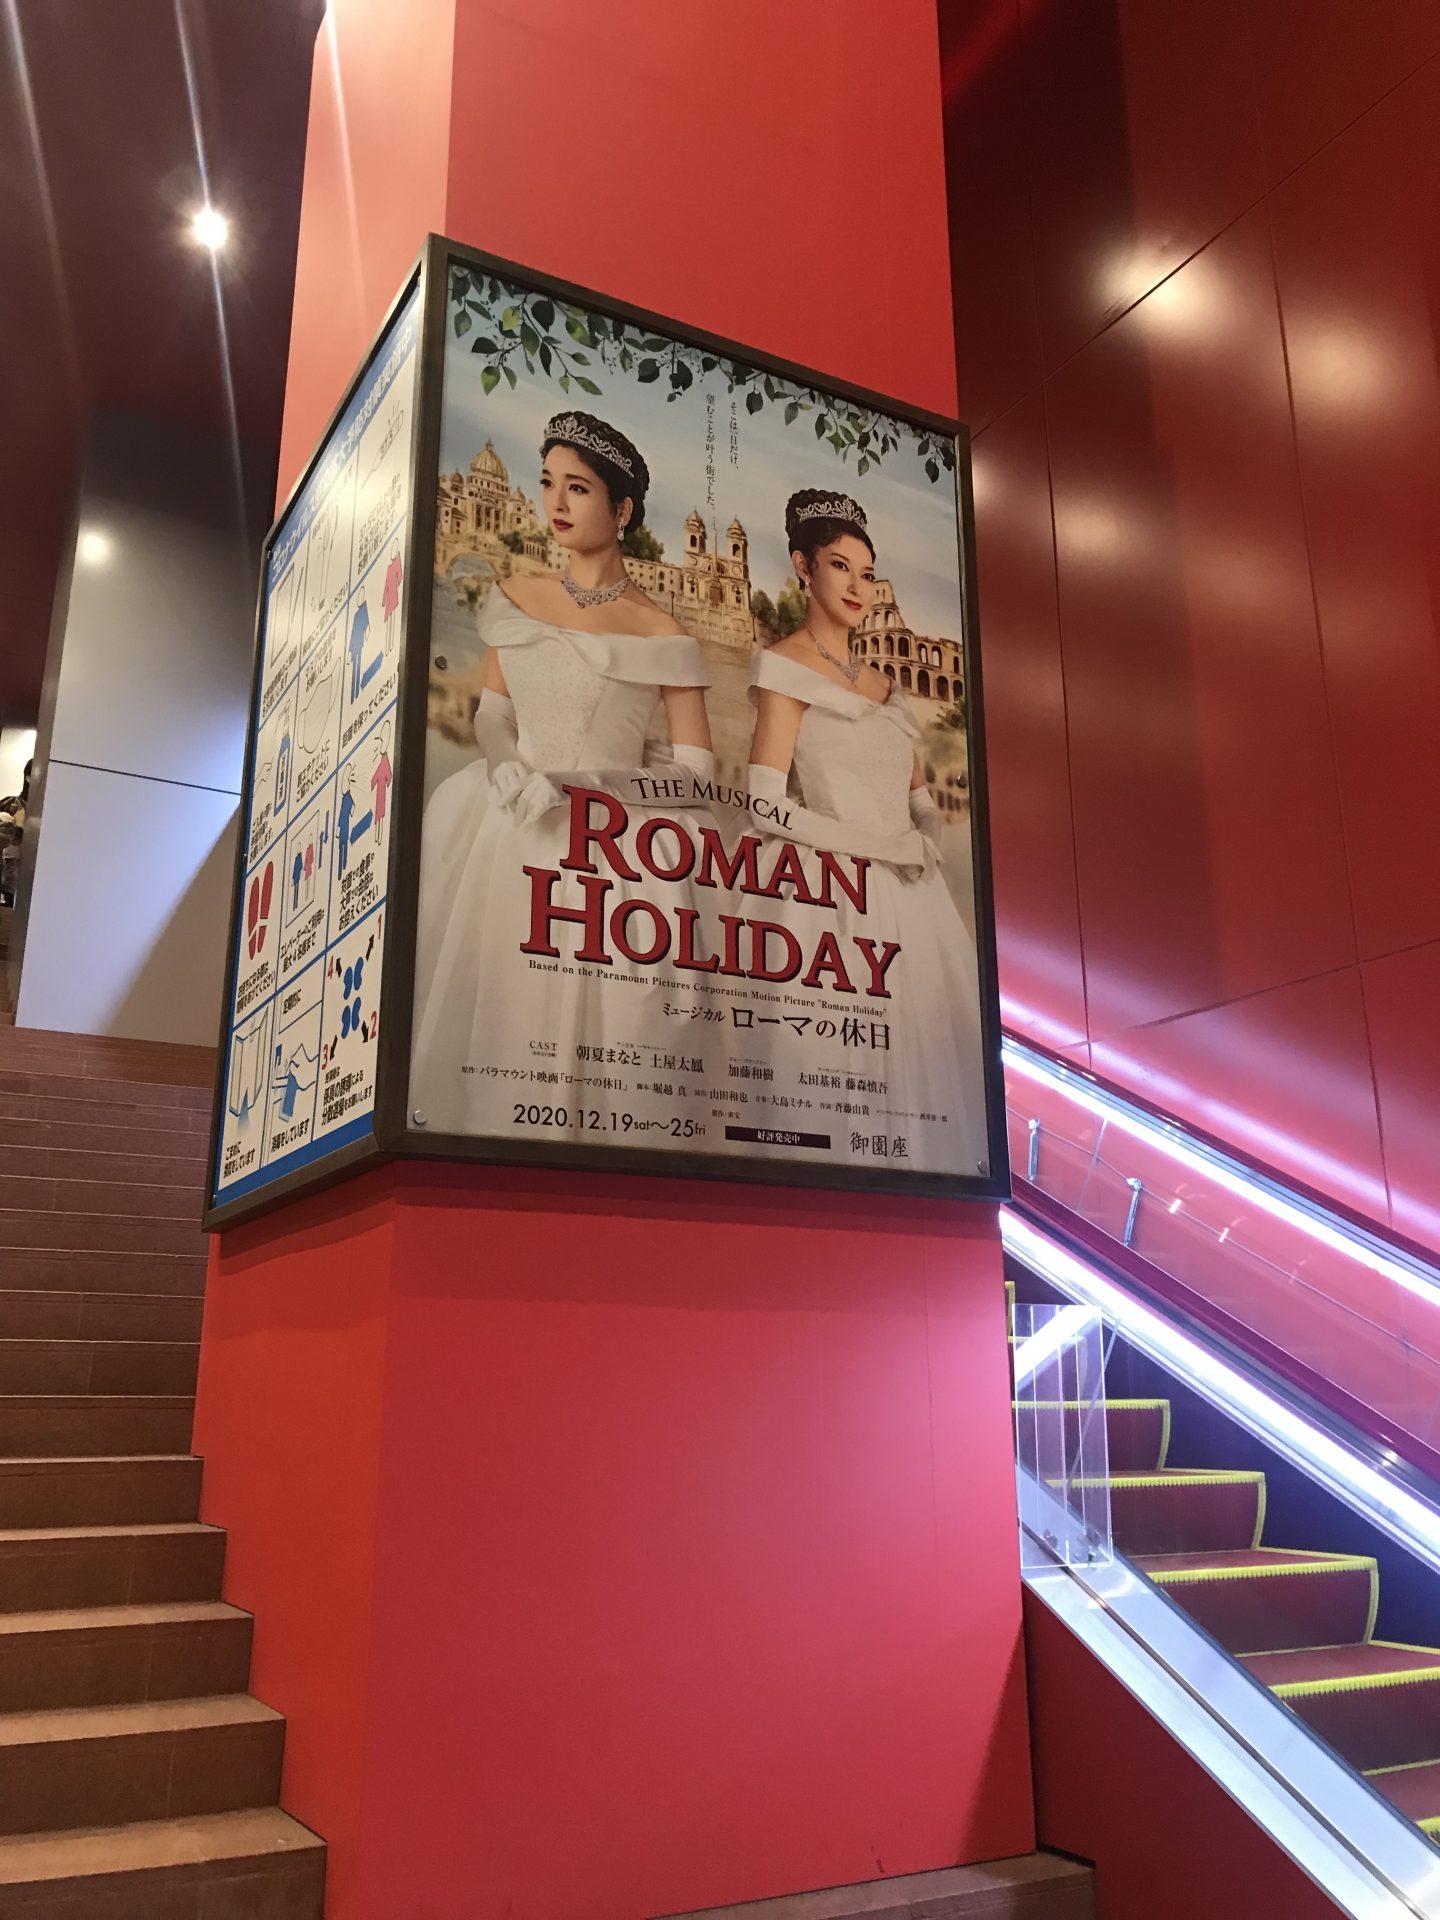 ミュージカルローマの休日